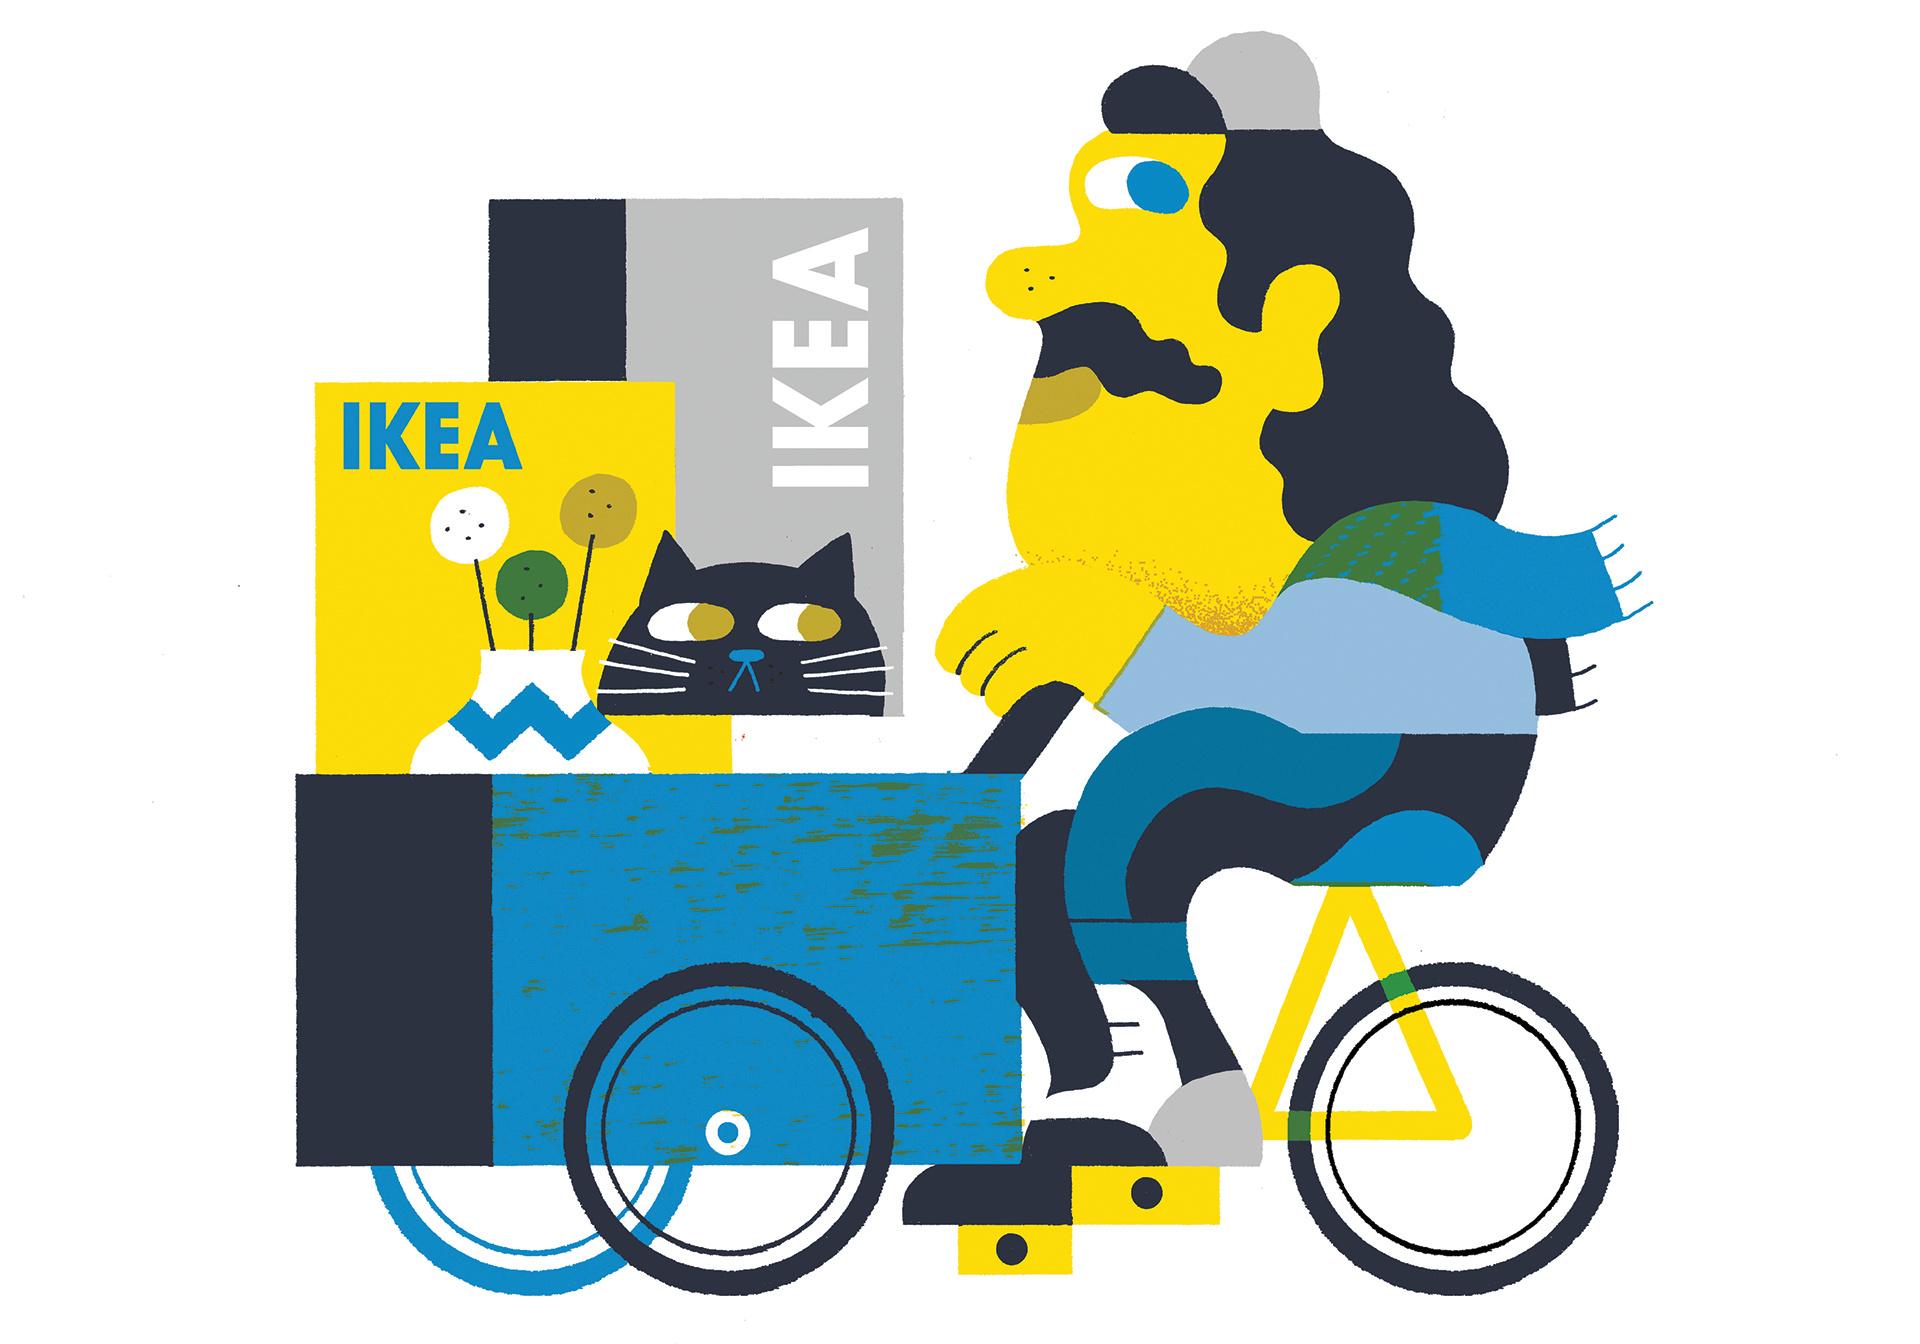 Hedof_Ikea_Image_4.jpg